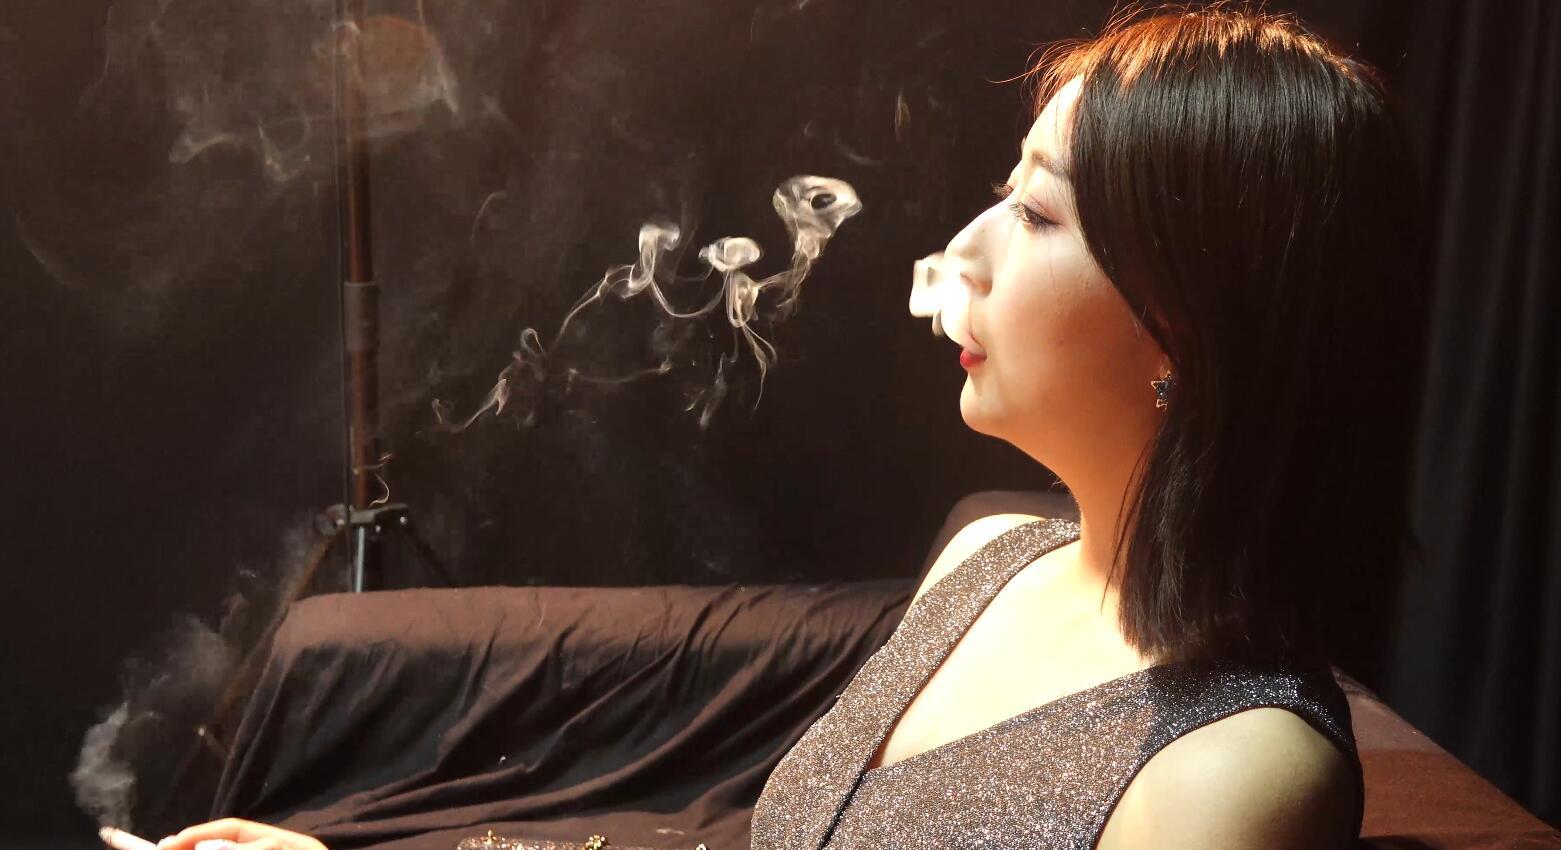 你知道抽烟有哪些好处吗?美女小姐姐告诉你